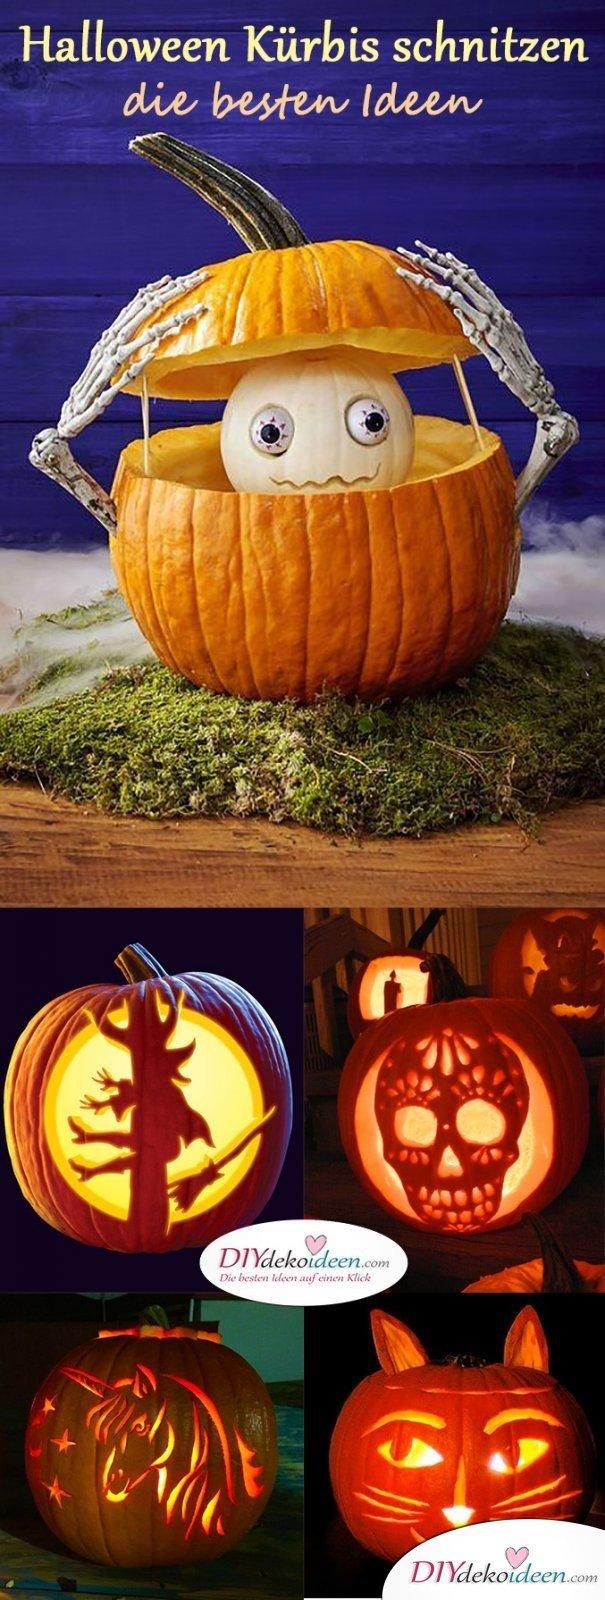 Kürbis schnitzen zu Halloween - Das sind die besten Ideen zum Gruselfest